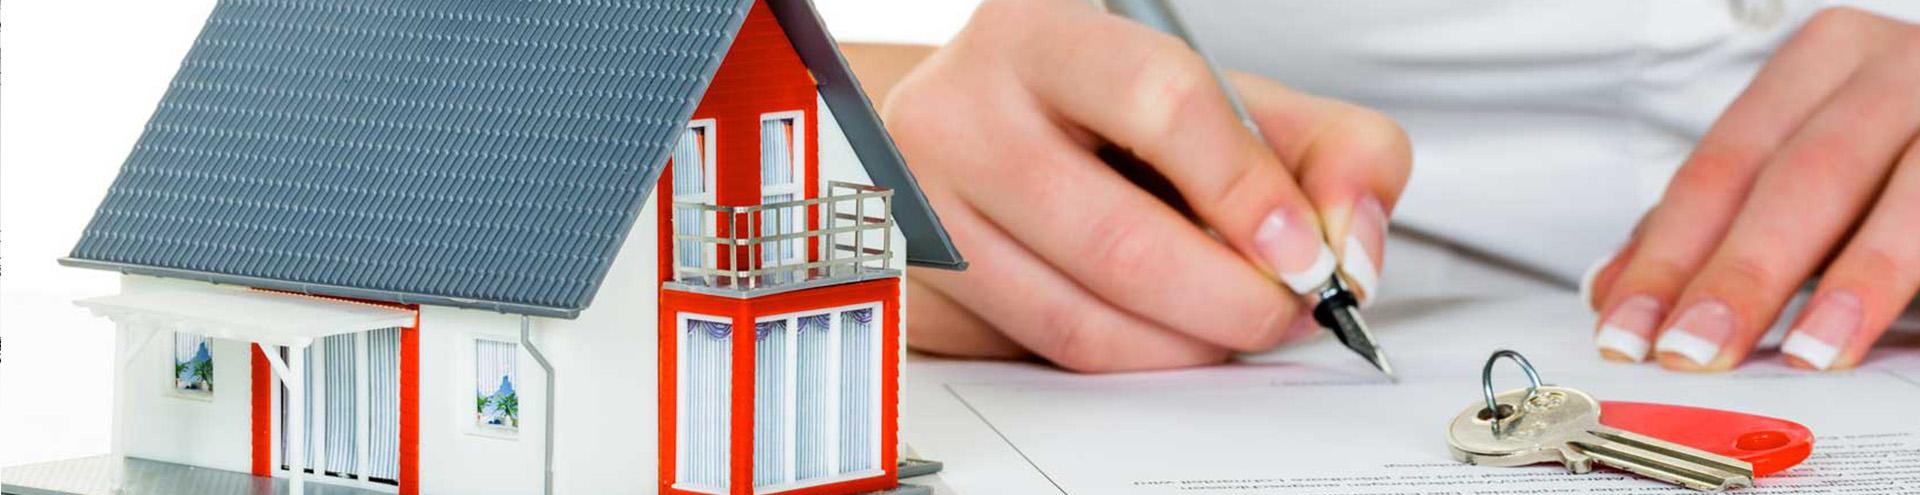 сделки с недвижимостью в Липецке